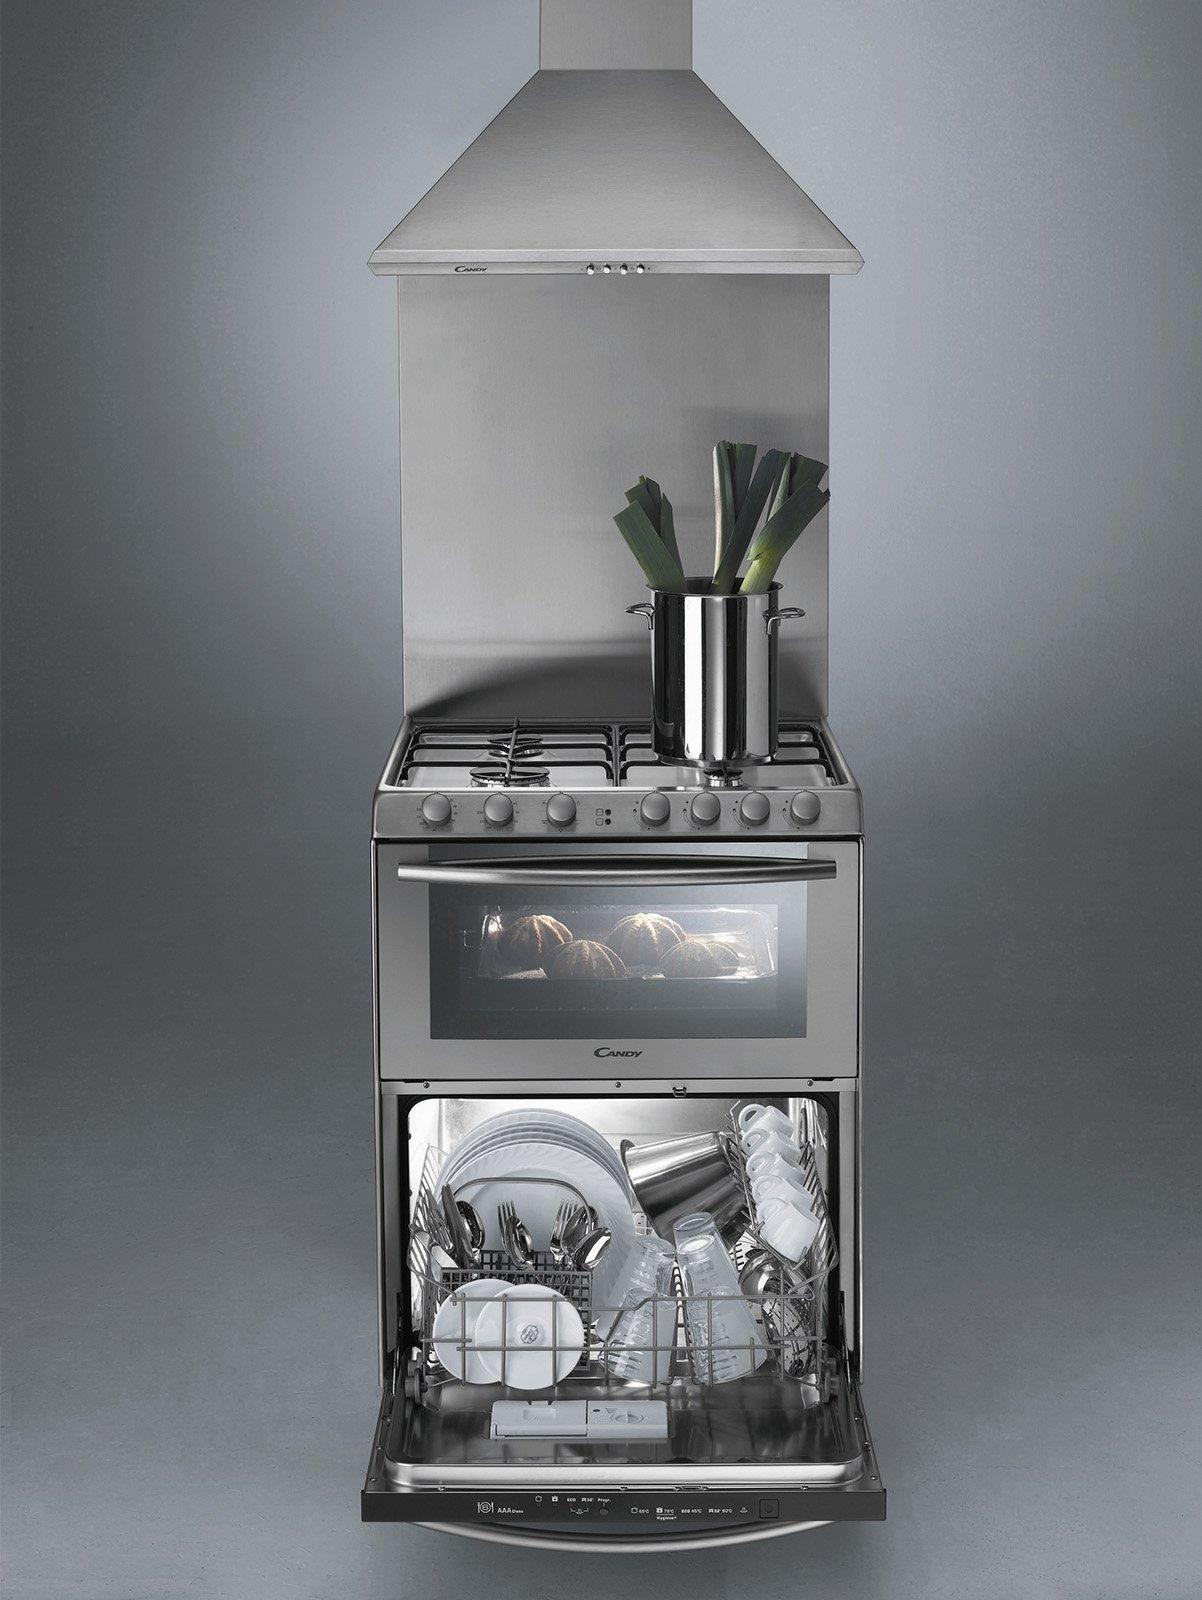 Elettrodomestici salvaspazio prestazioni standard - Mobile per lavastoviglie da incasso ...